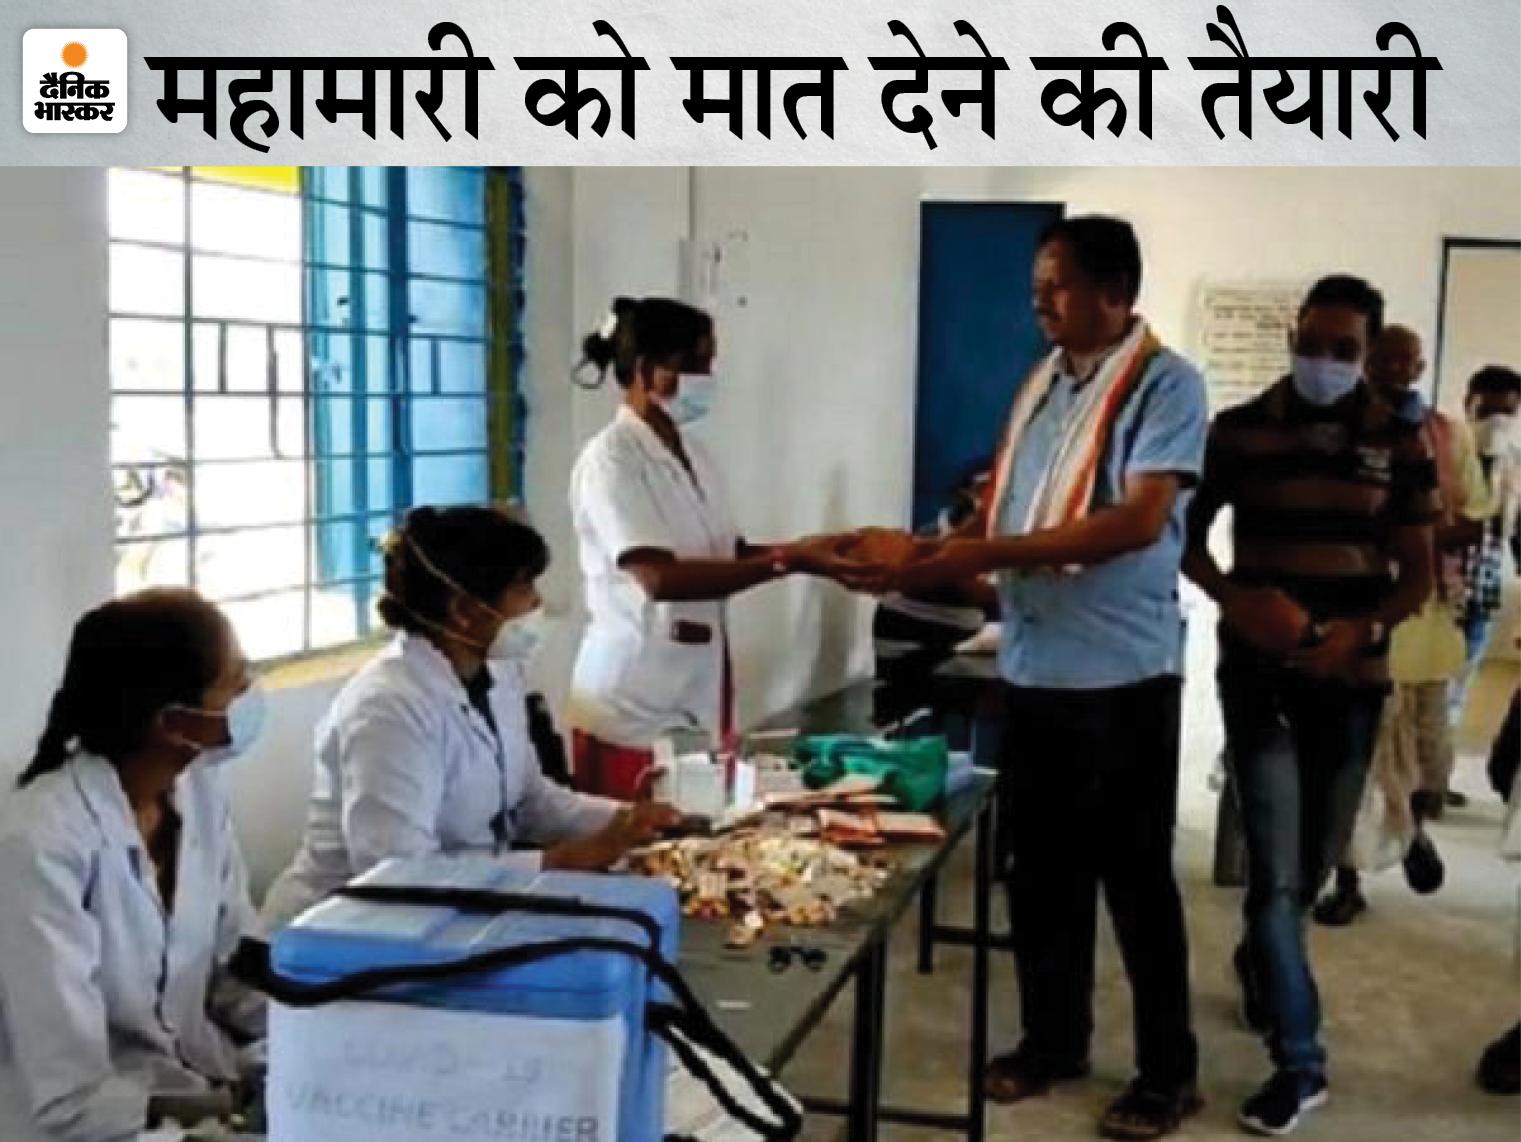 ग्राम देवी की प्रार्थना कर पुजारी ने वैक्सीन लगवाई, फिर जिले में अव्वल हो गया गांव; अब वैक्सीनेशन के लिए बाकी भी इनकी राह पर|छत्तीसगढ़,Chhattisgarh - Dainik Bhaskar